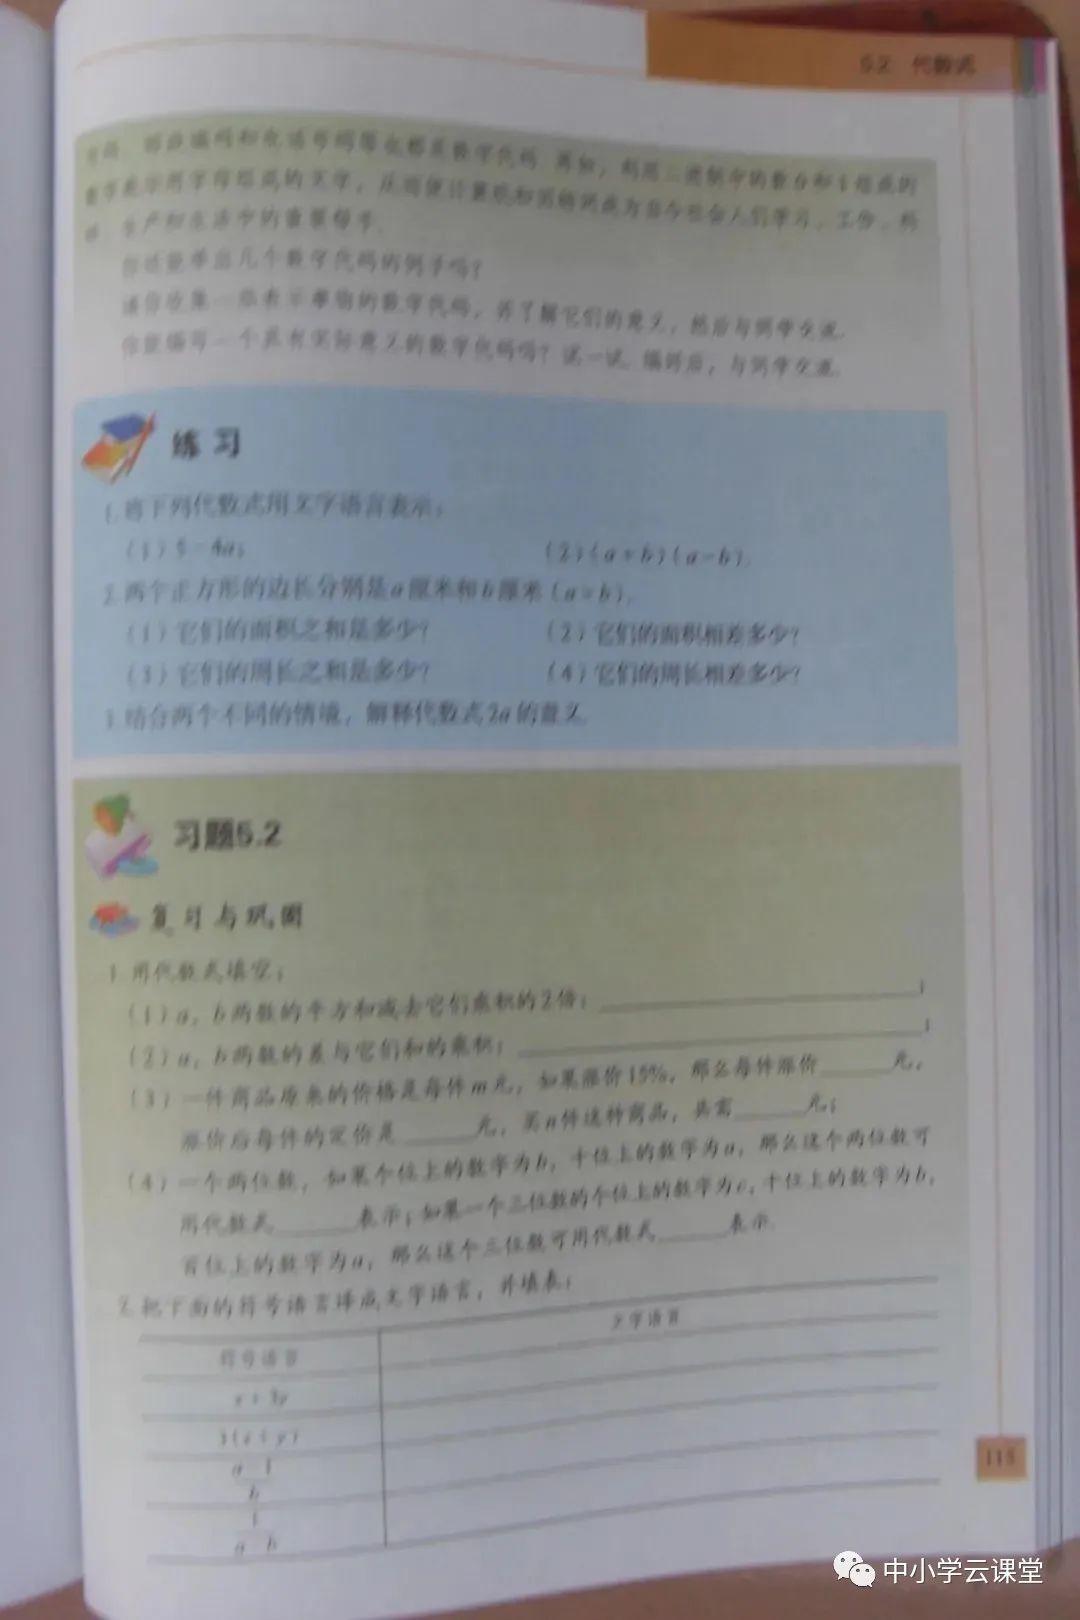 9923aea18f9944c83cc5d2ec8df2fed8.png